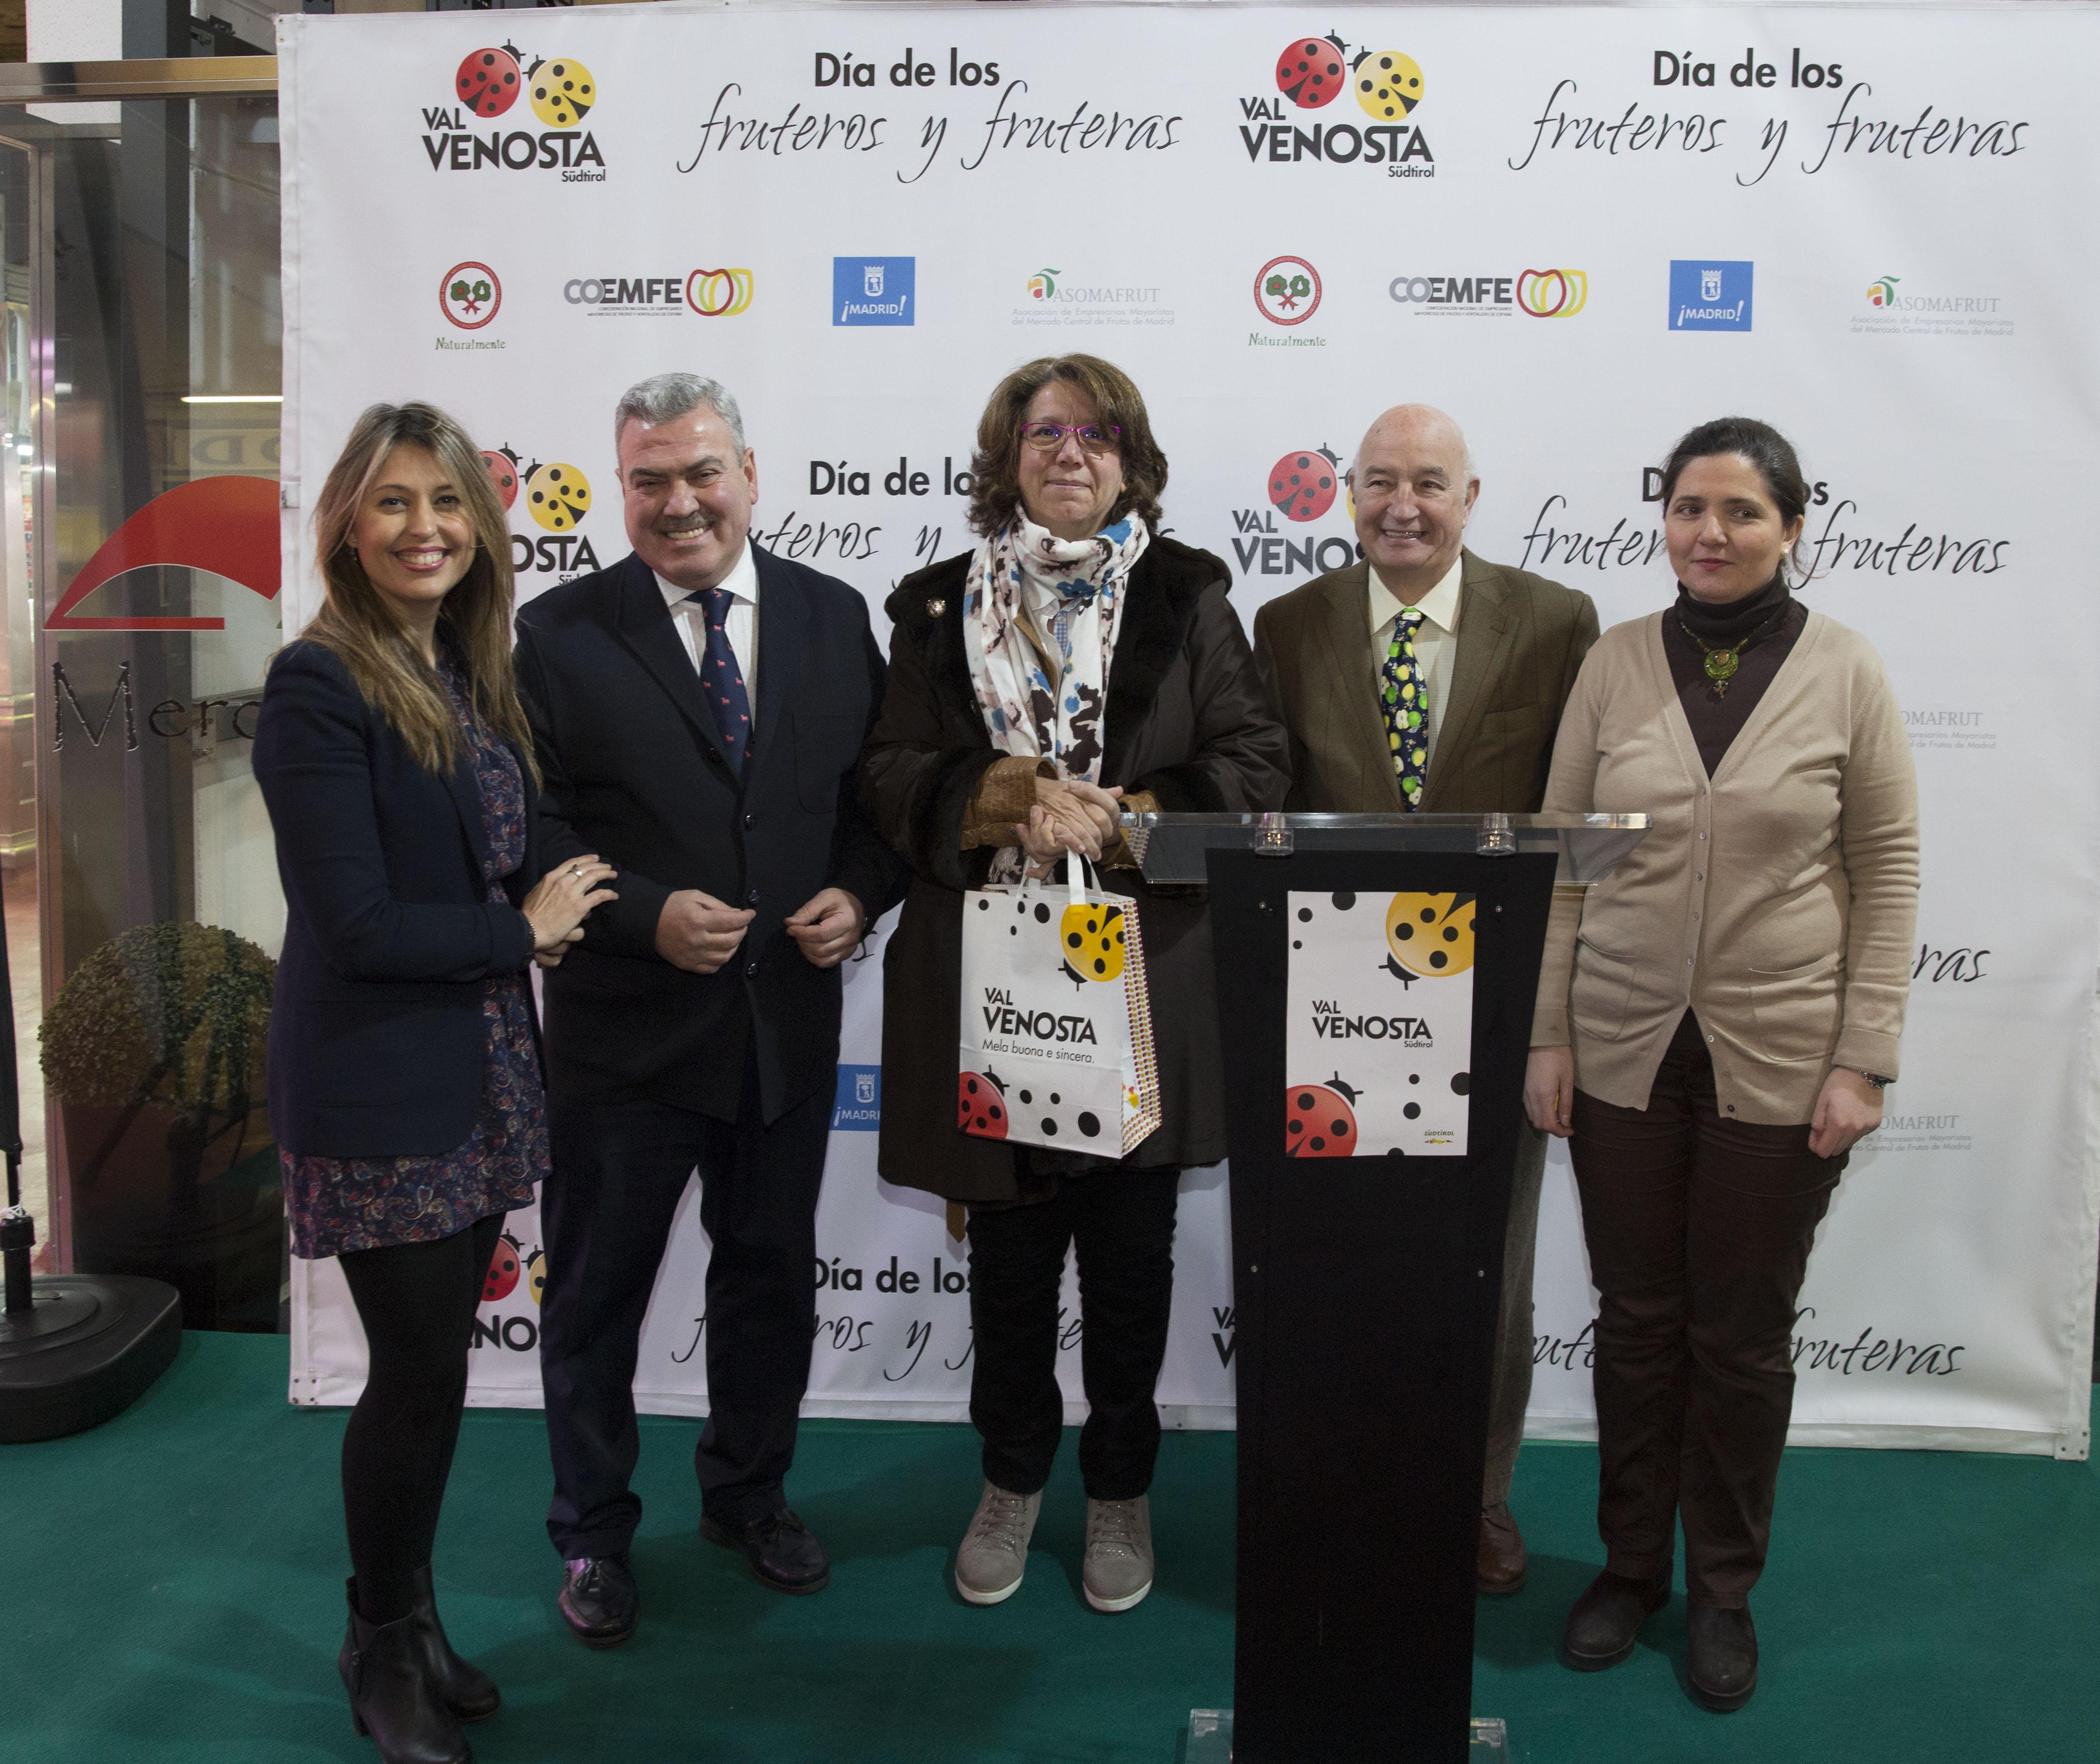 Por segundo año, España celebra el Día de los Fruteros y Fruteras